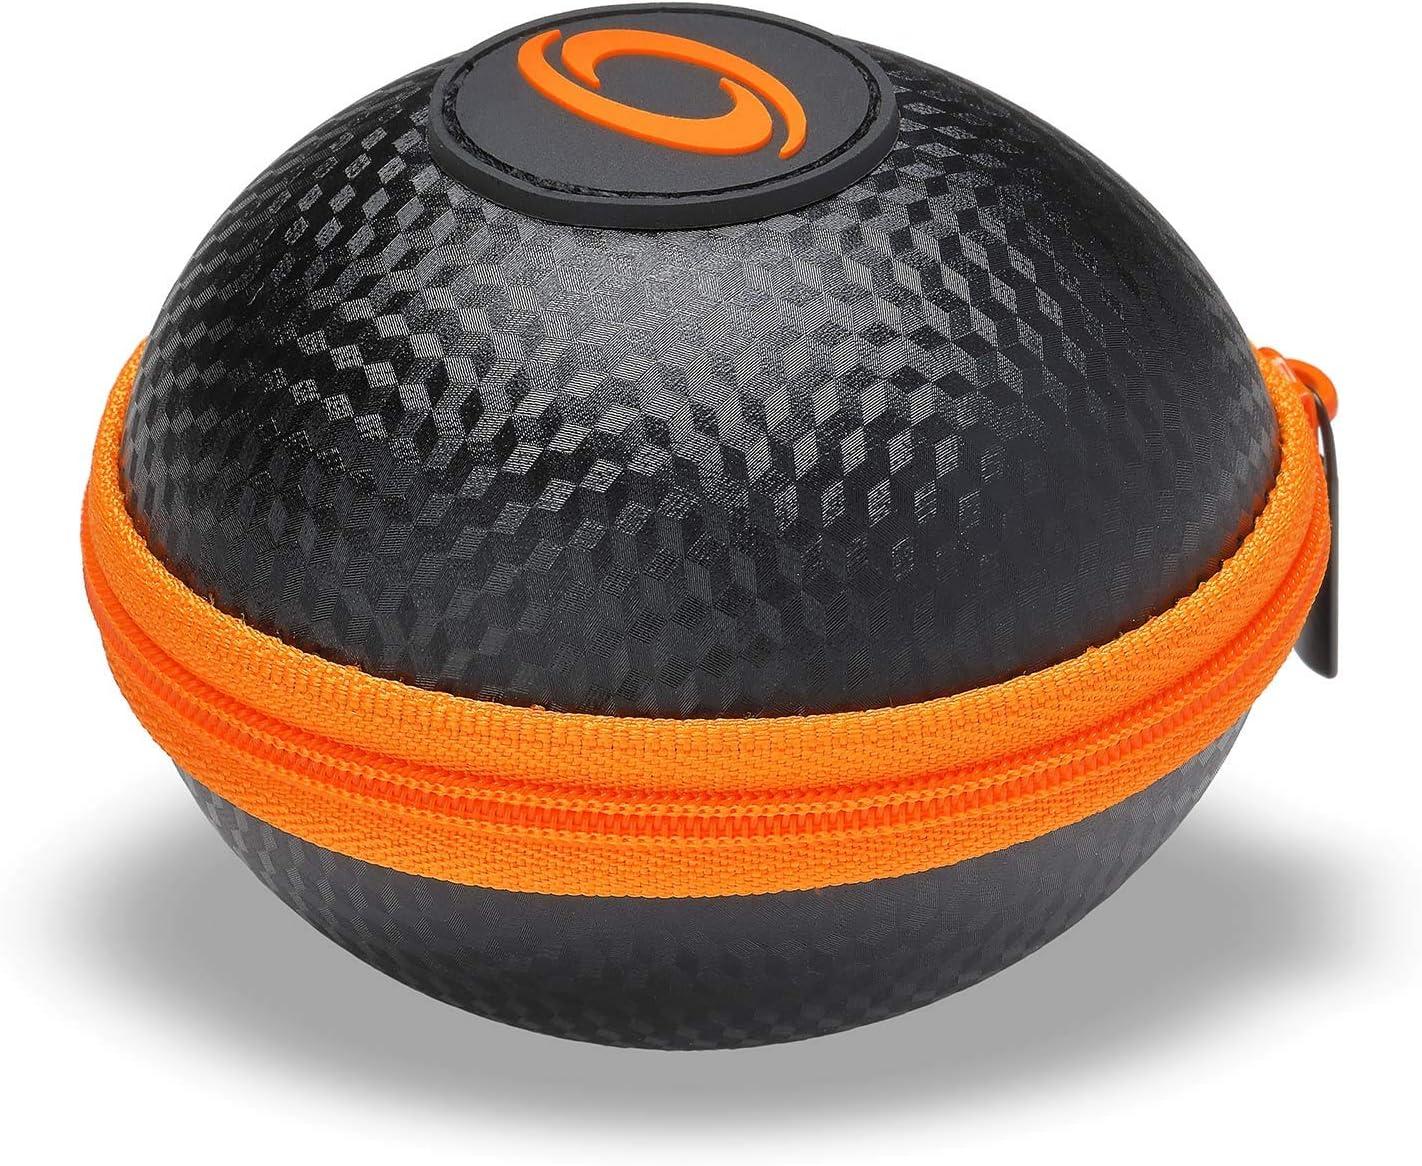 Powerball Kernpower® - Funda original para casi todos los modelos originales, resistente a los golpes, con cremallera, antracita/naranja